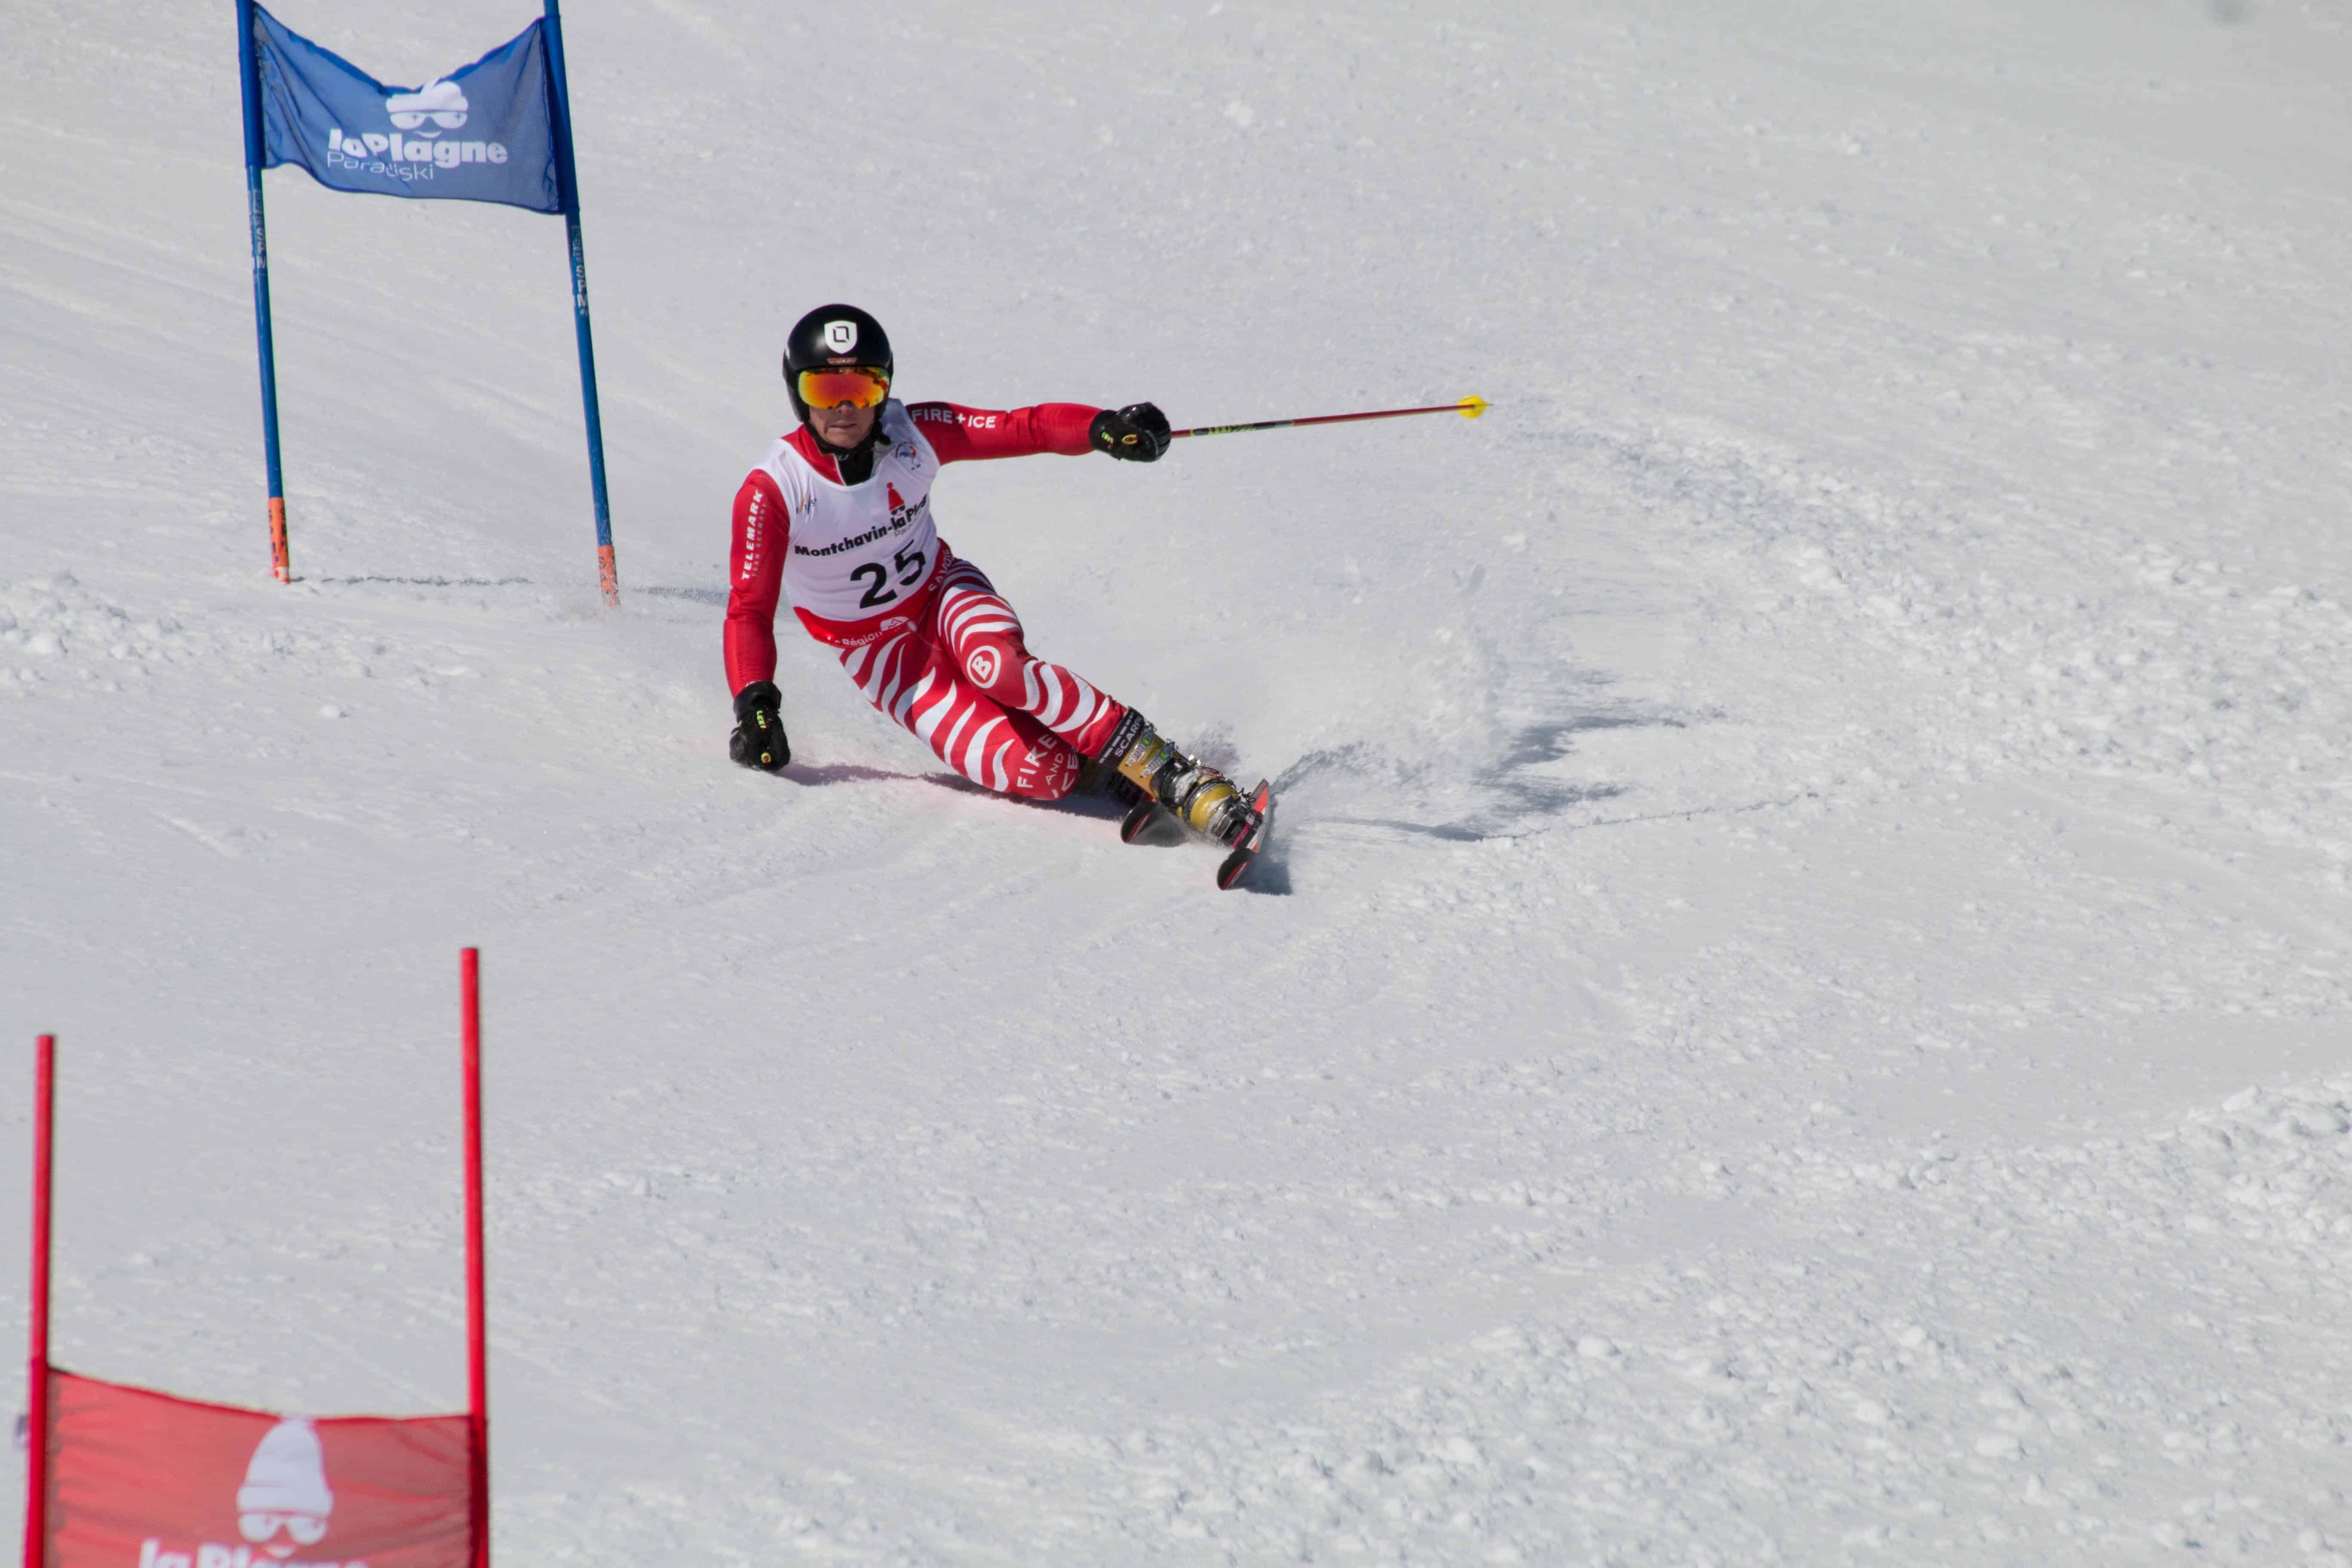 moritz-hamberger_slackline-skifahren-design_IMG 4356_IMG_4356